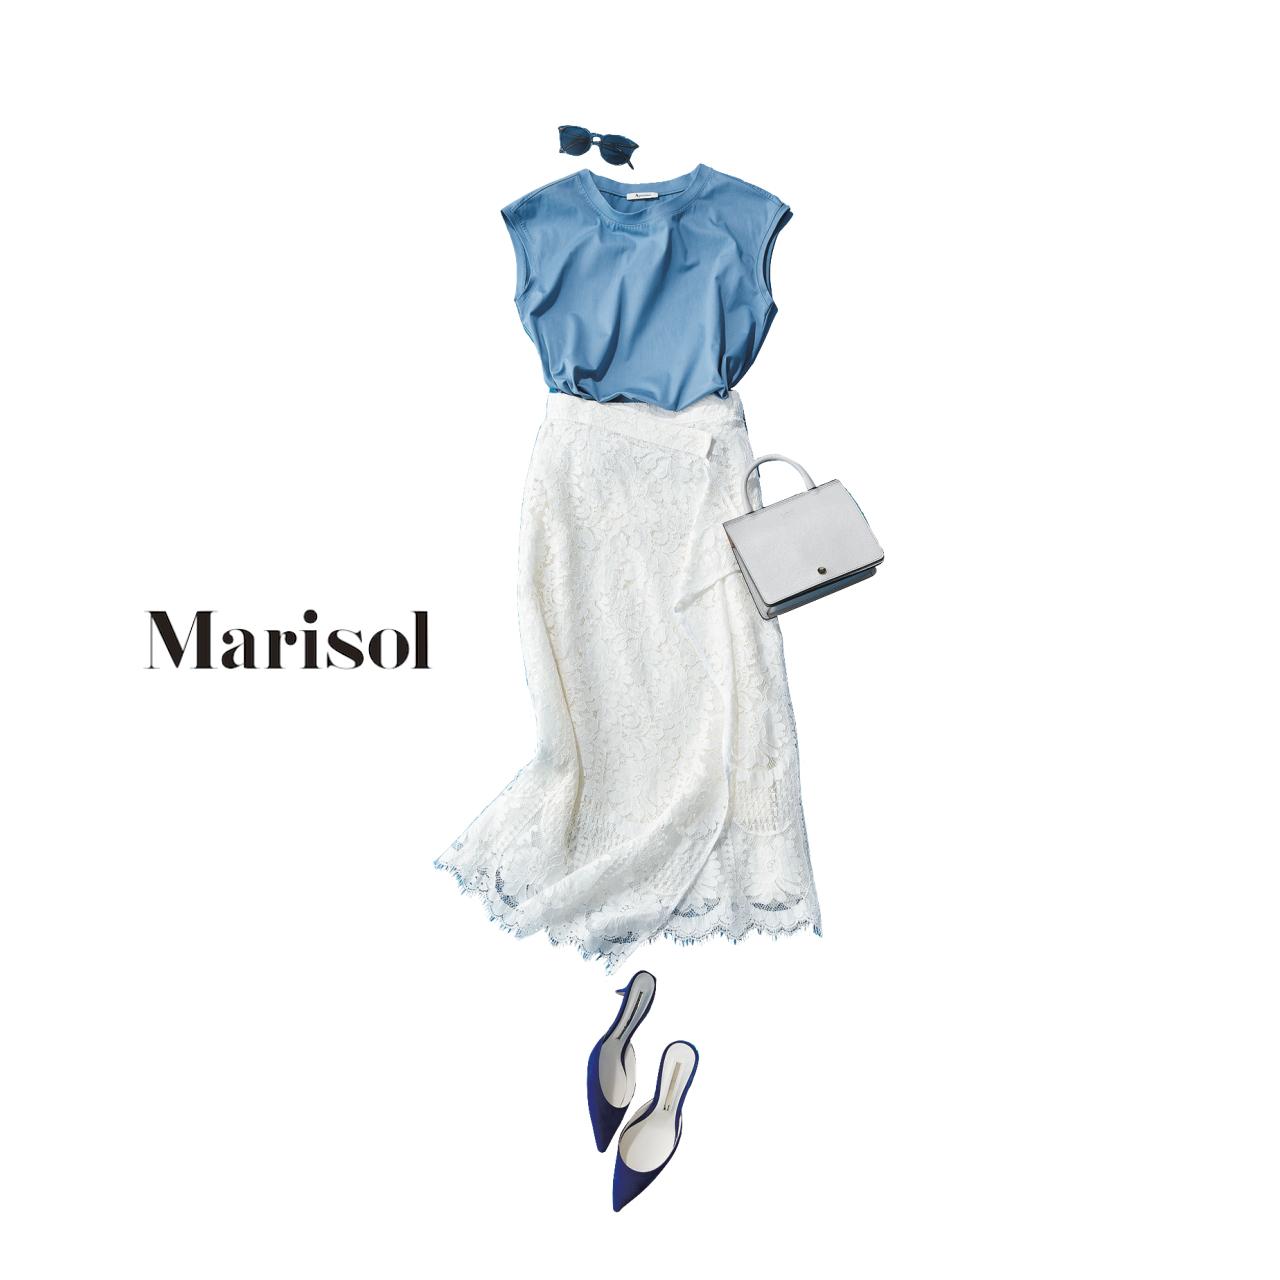 スモーキーブルー×白は今の季節にぴったりな清涼感のある組み合わせ!